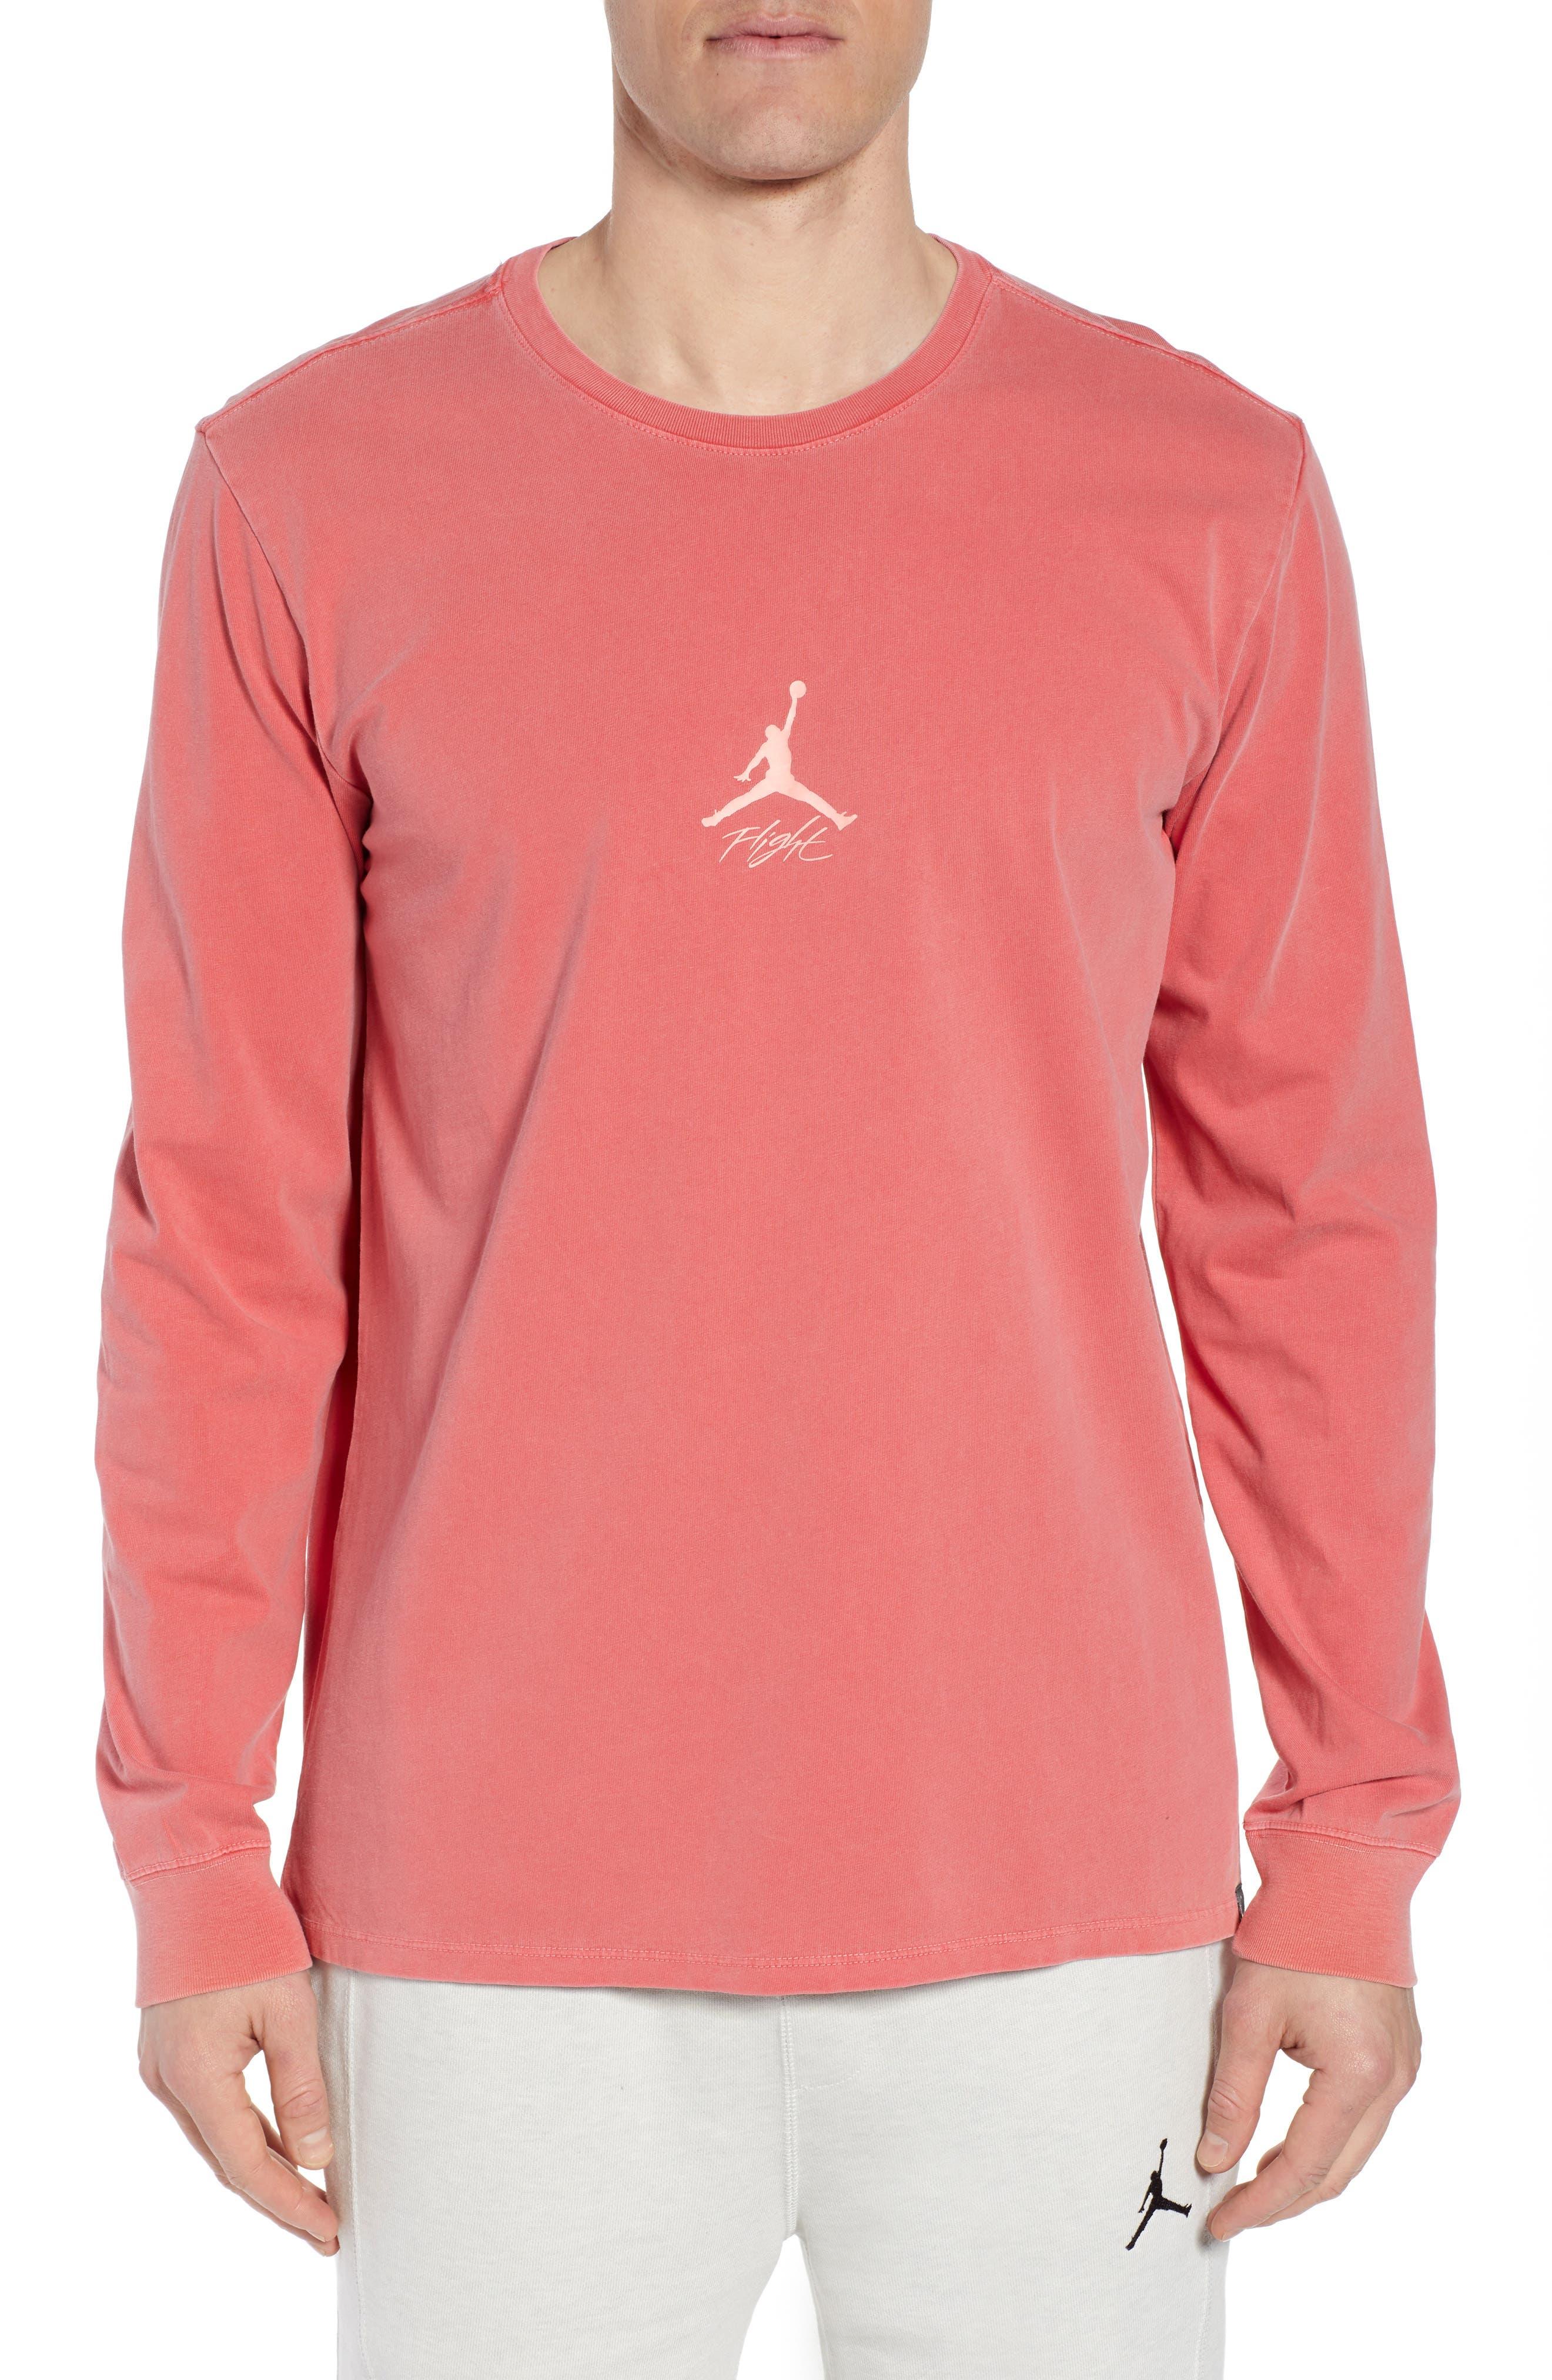 Jordan Wings Long Sleeve T-Shirt